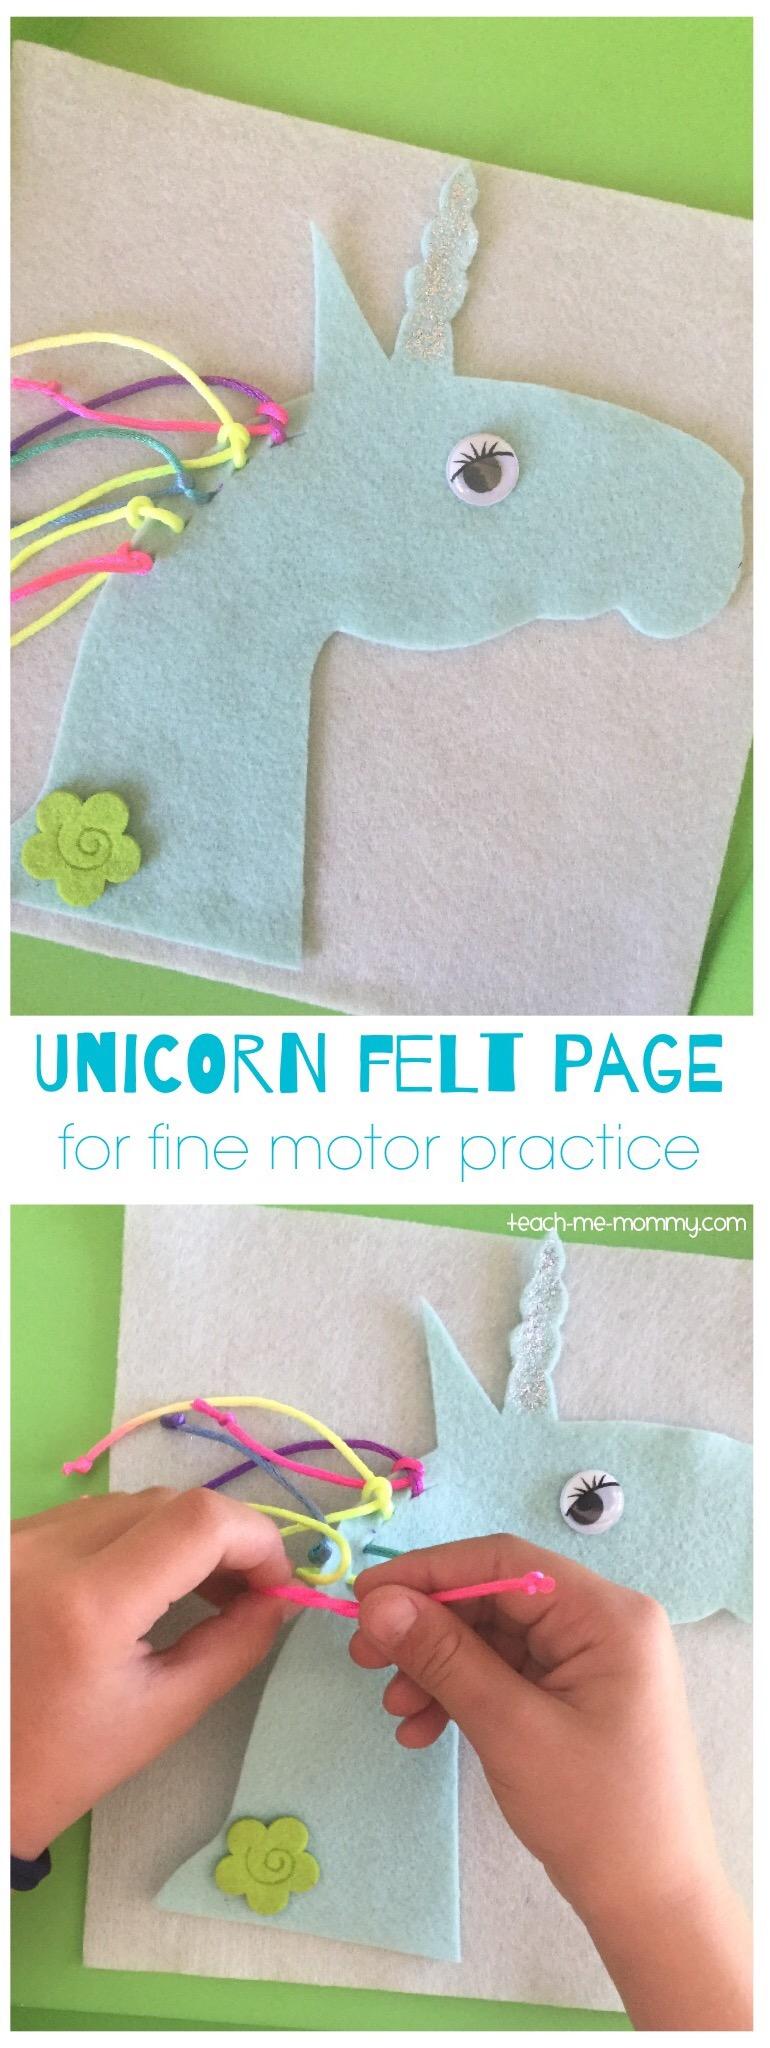 Unicorn Felt page